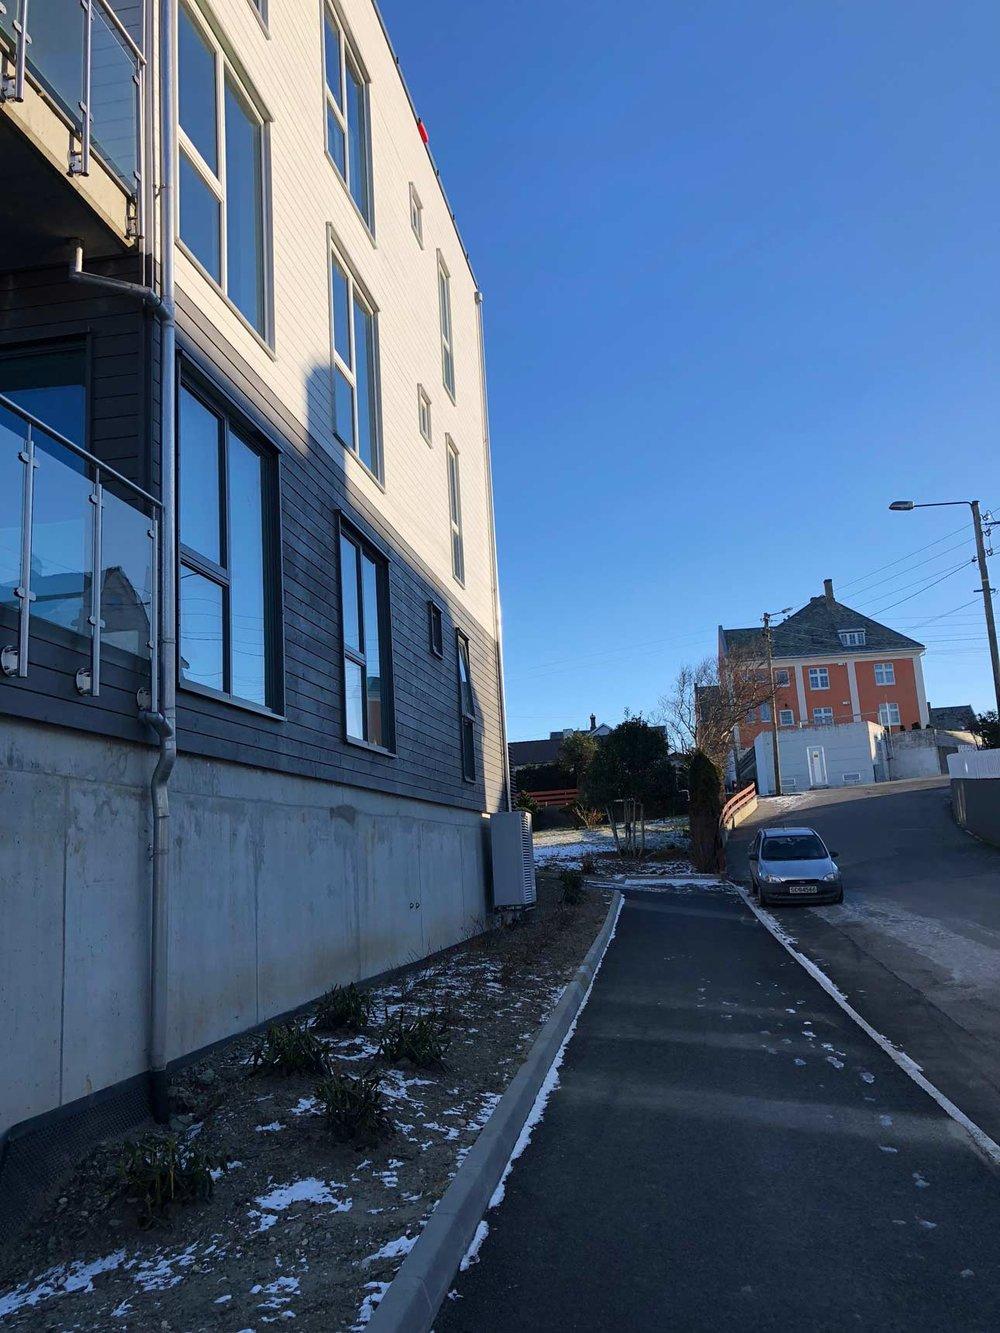 arkitekt_kolstø_hasseløy_2_leilighetsbygg.jpg